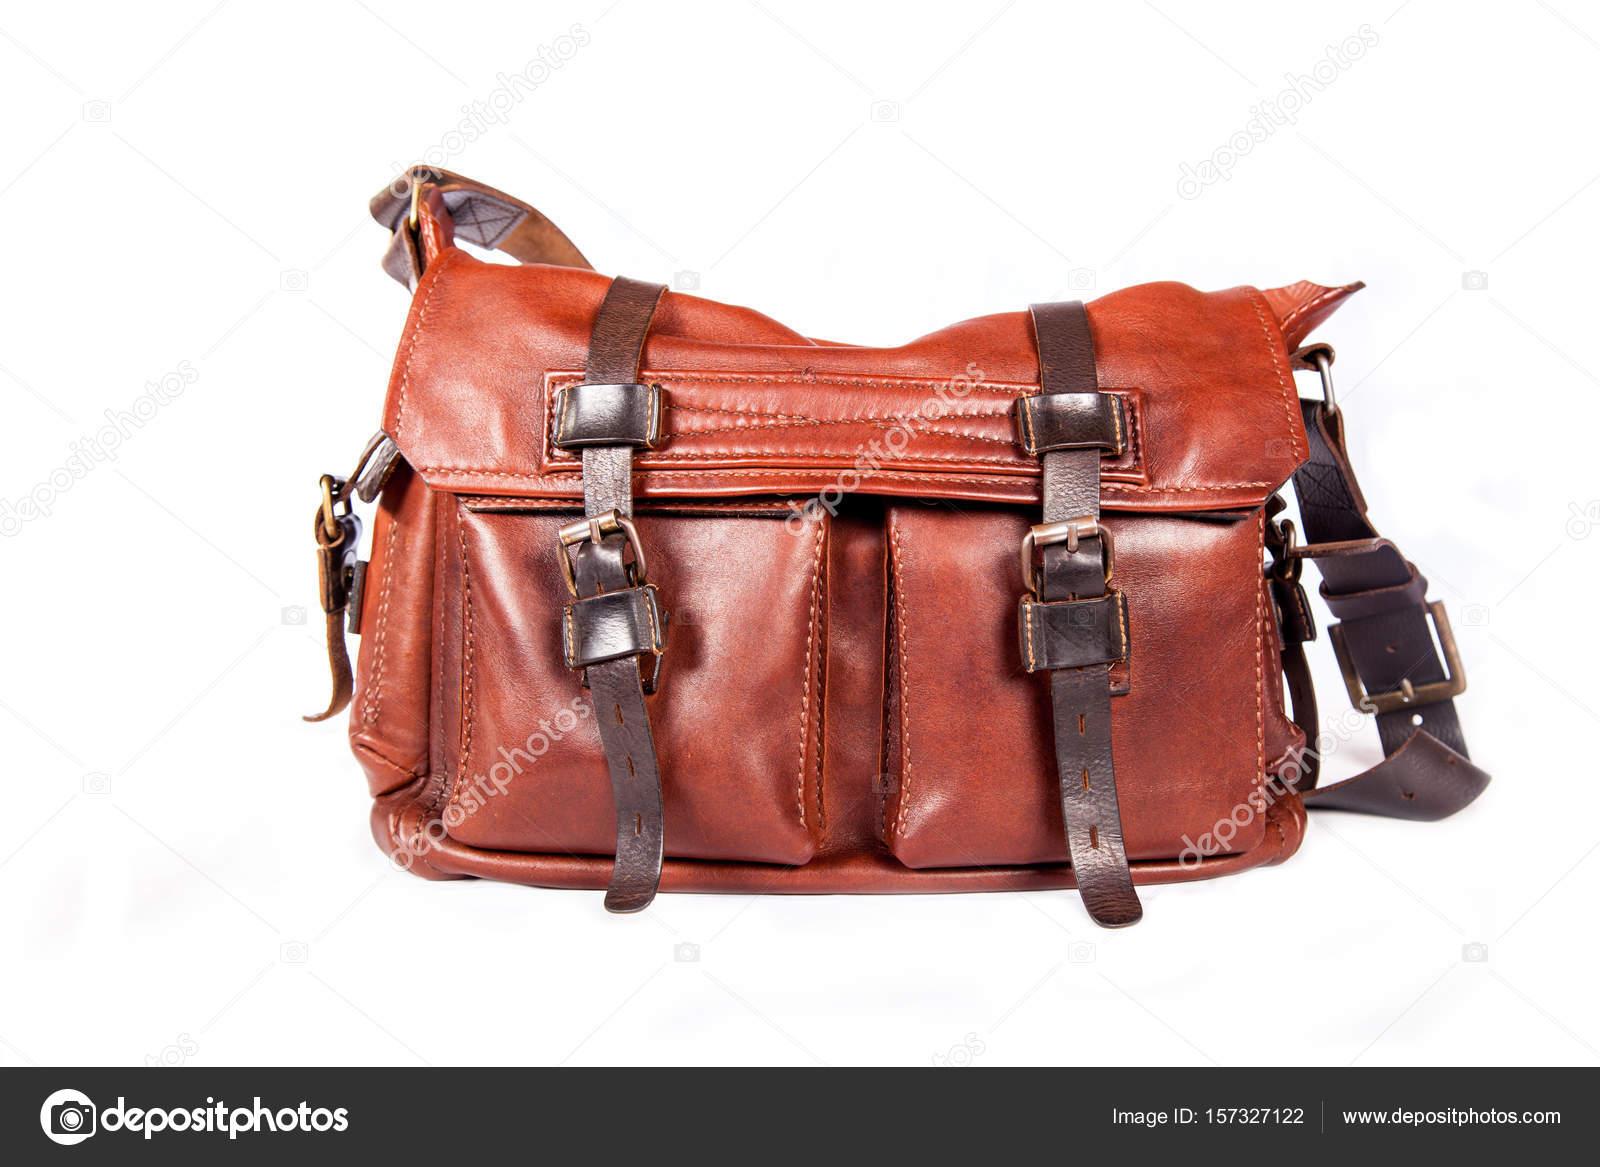 419eb55a7d1ed Ręcznie robione skórzane torby szacunku — Zdjęcie stockowe © gyso4ka ...